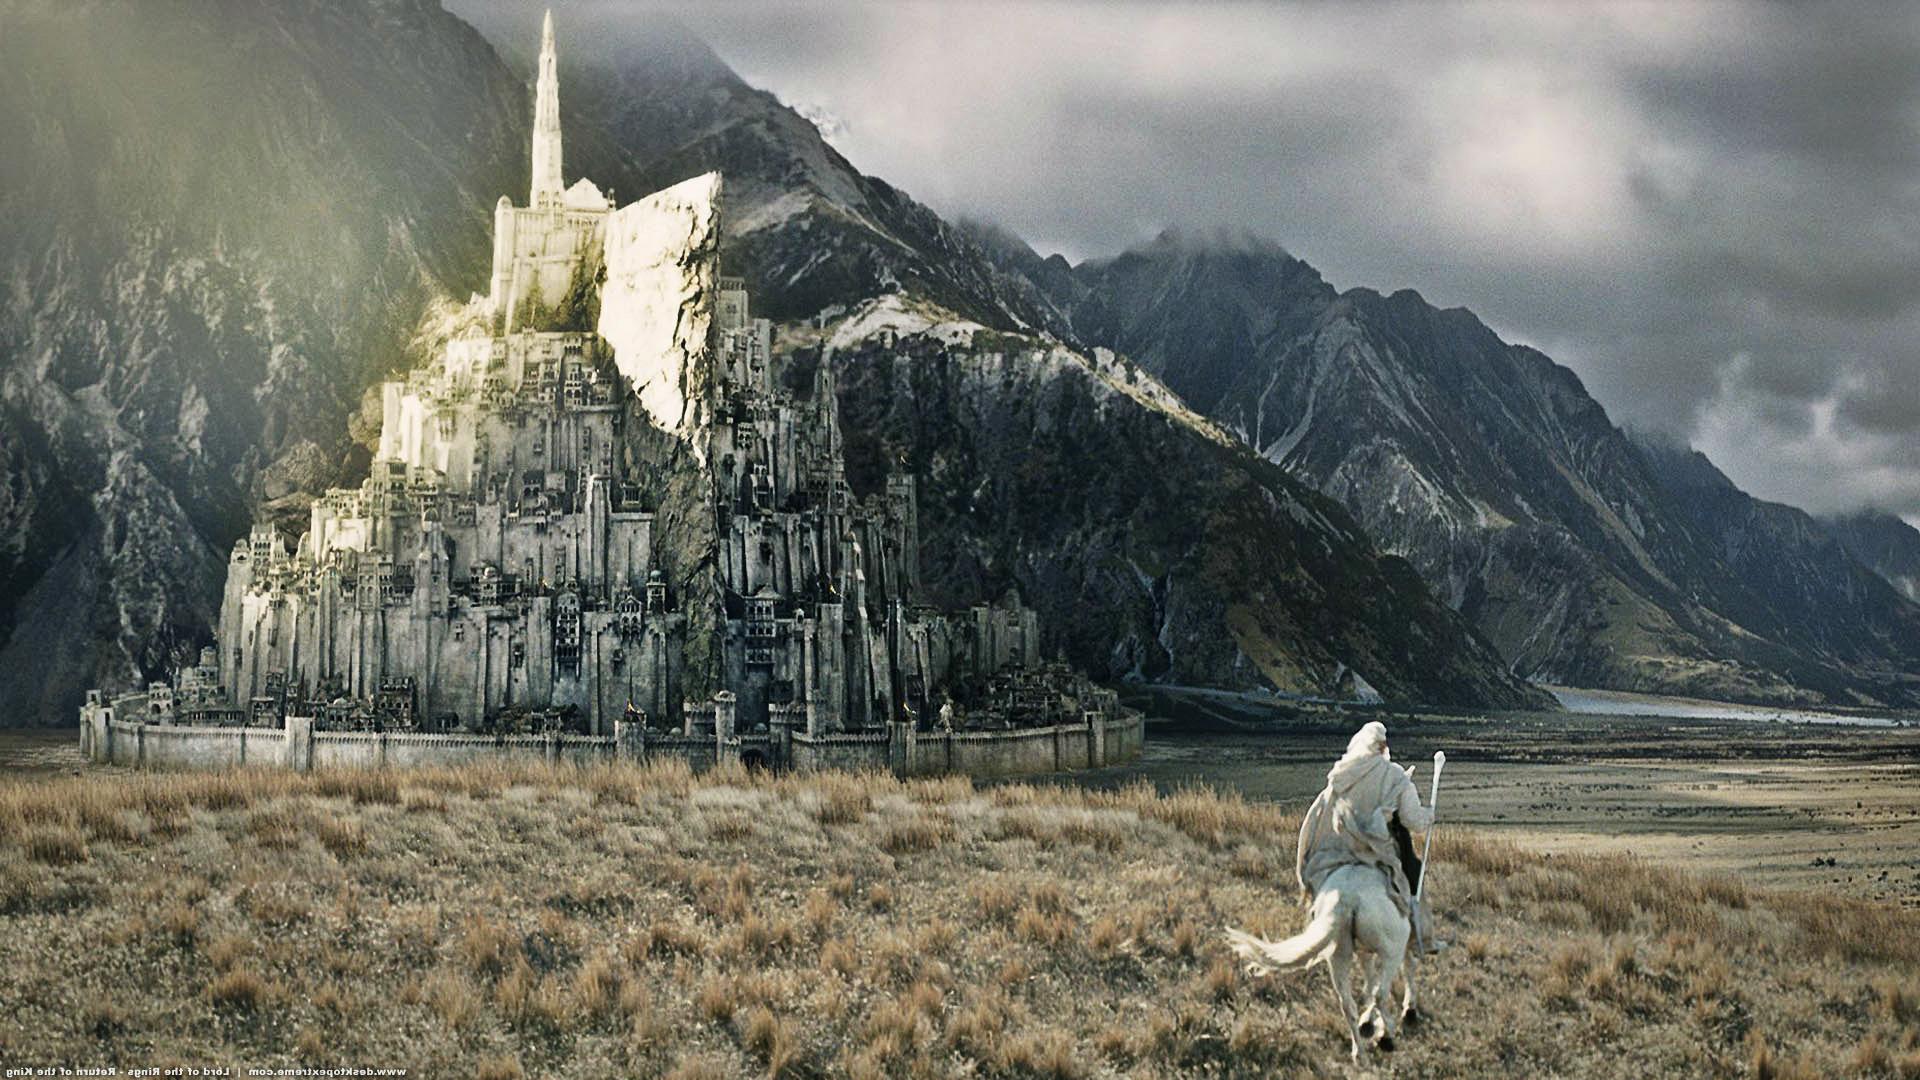 Lord Of The Rings Iphone Wallpaper - WallpaperSafari